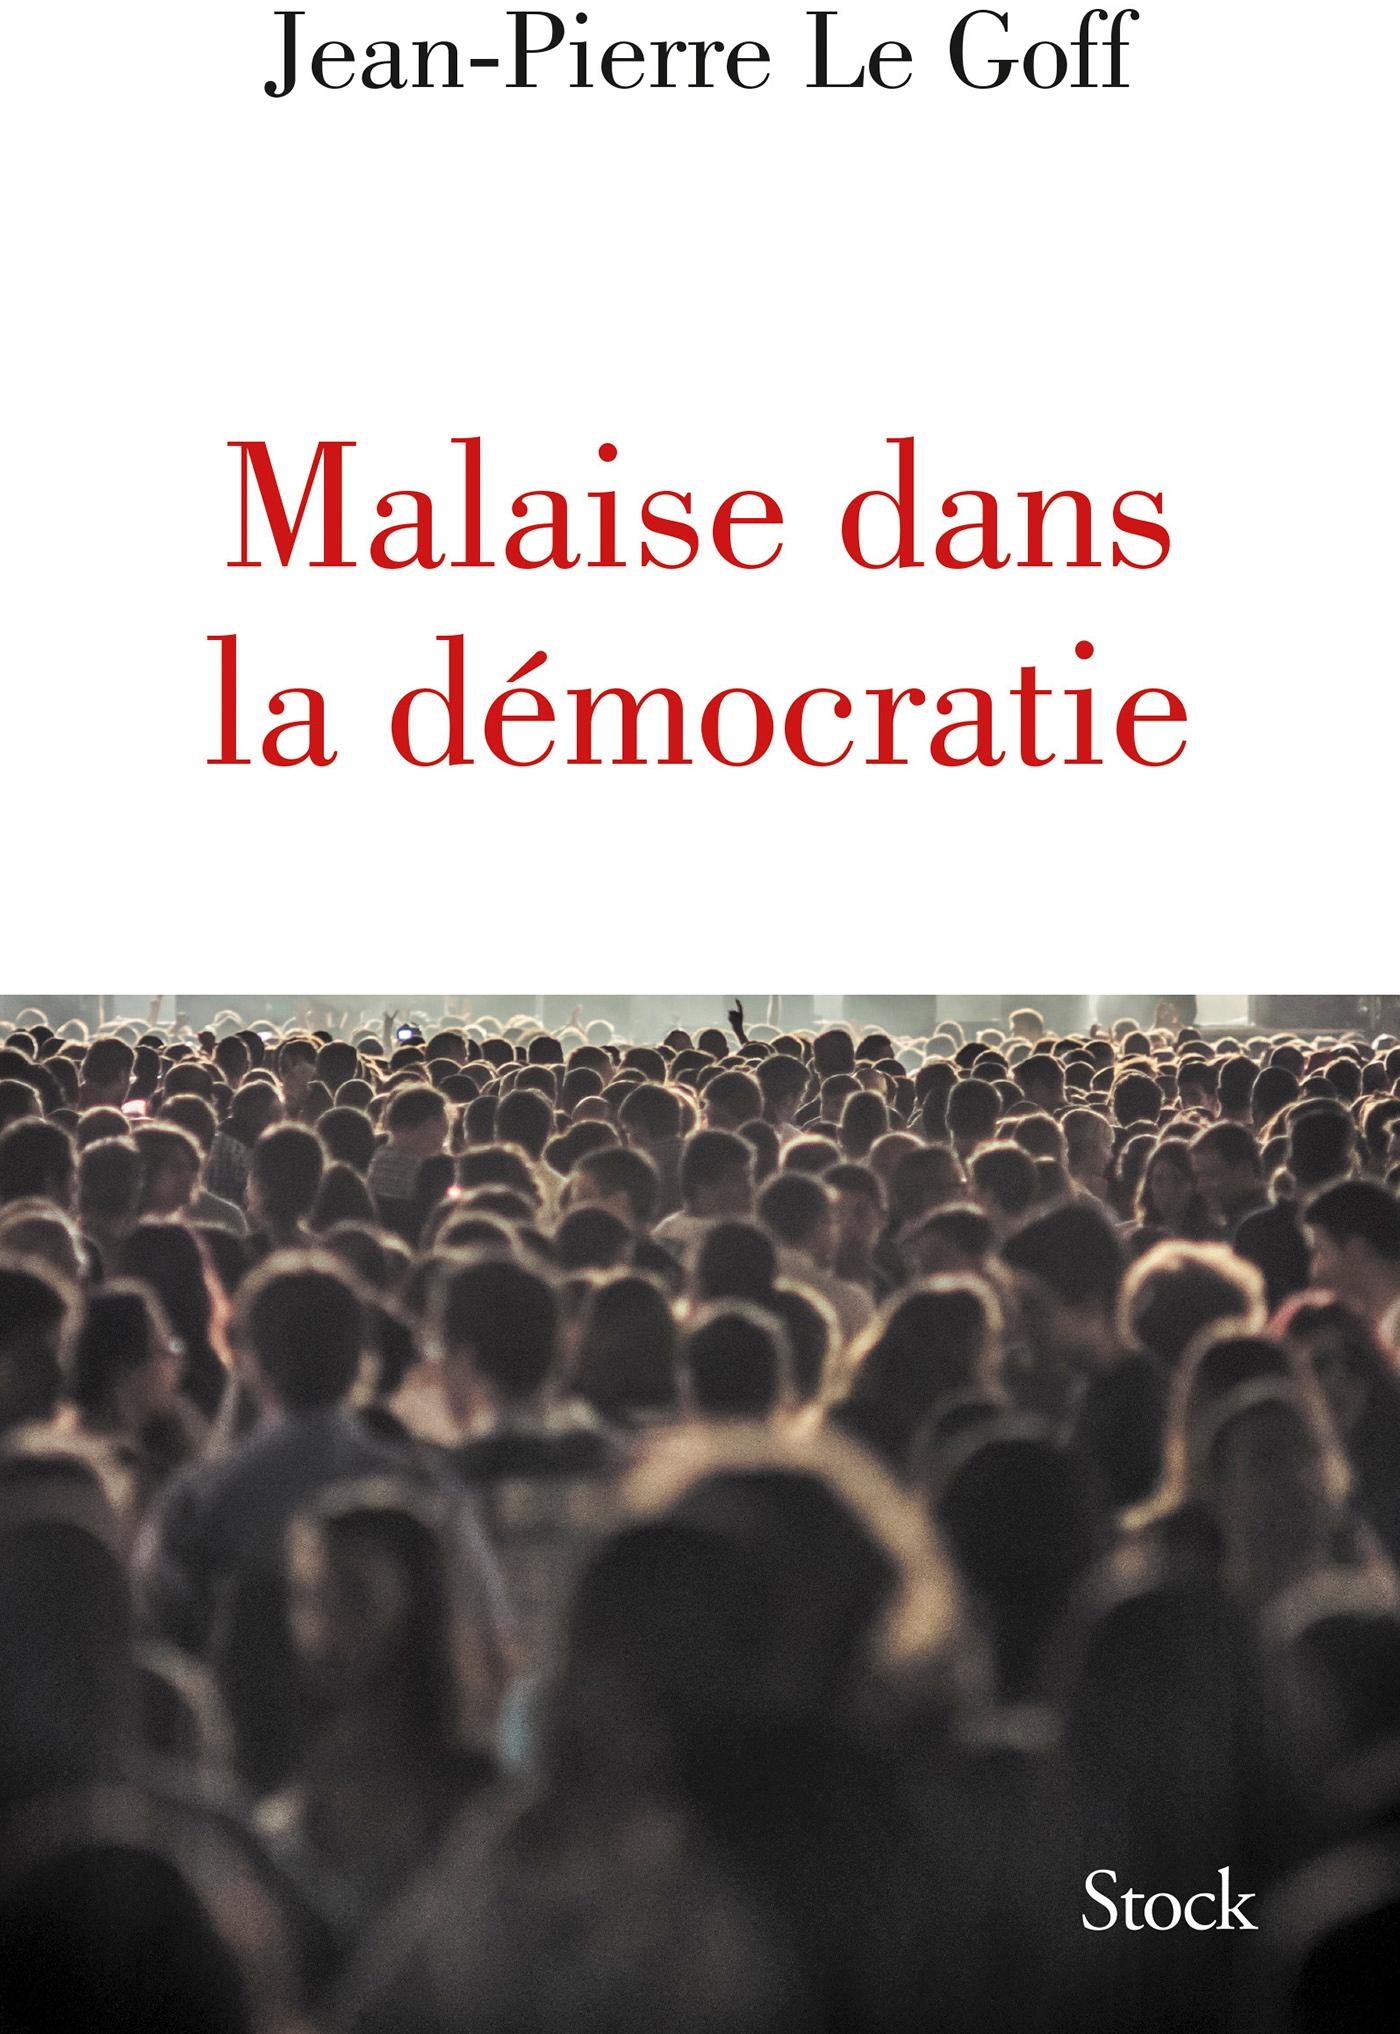 Malaise dans la démocratie, un livre de Jean-Pierre Le Goff